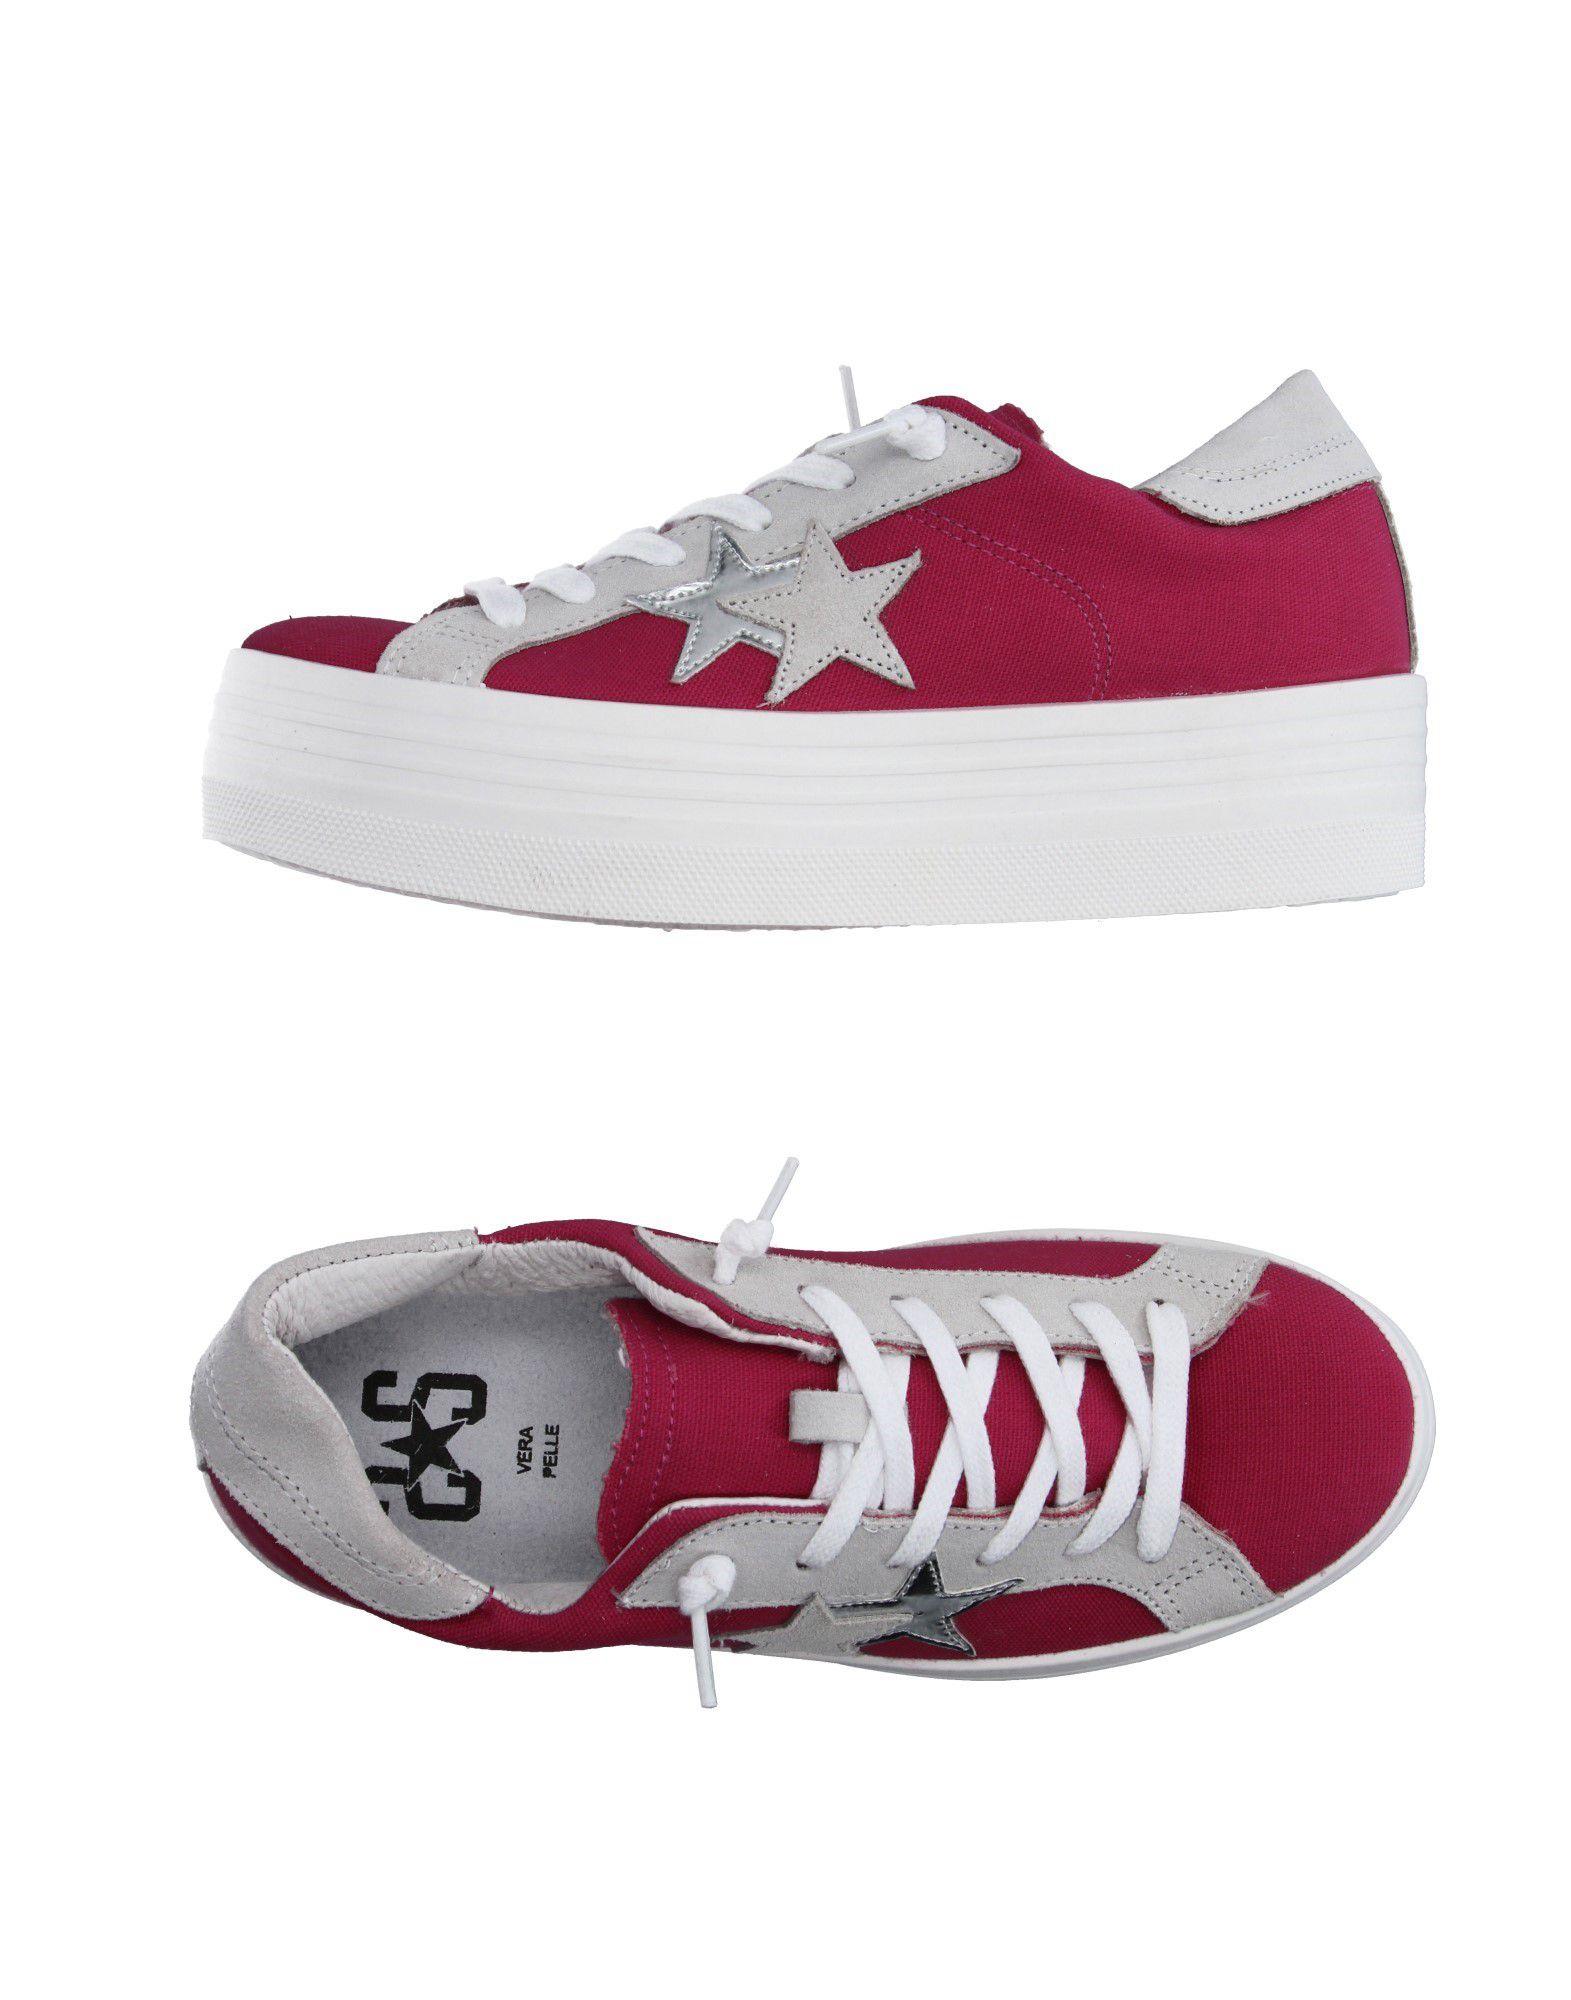 2Star Sneakers Damen  11110142TT Gute Gute Gute Qualität beliebte Schuhe 1319ea